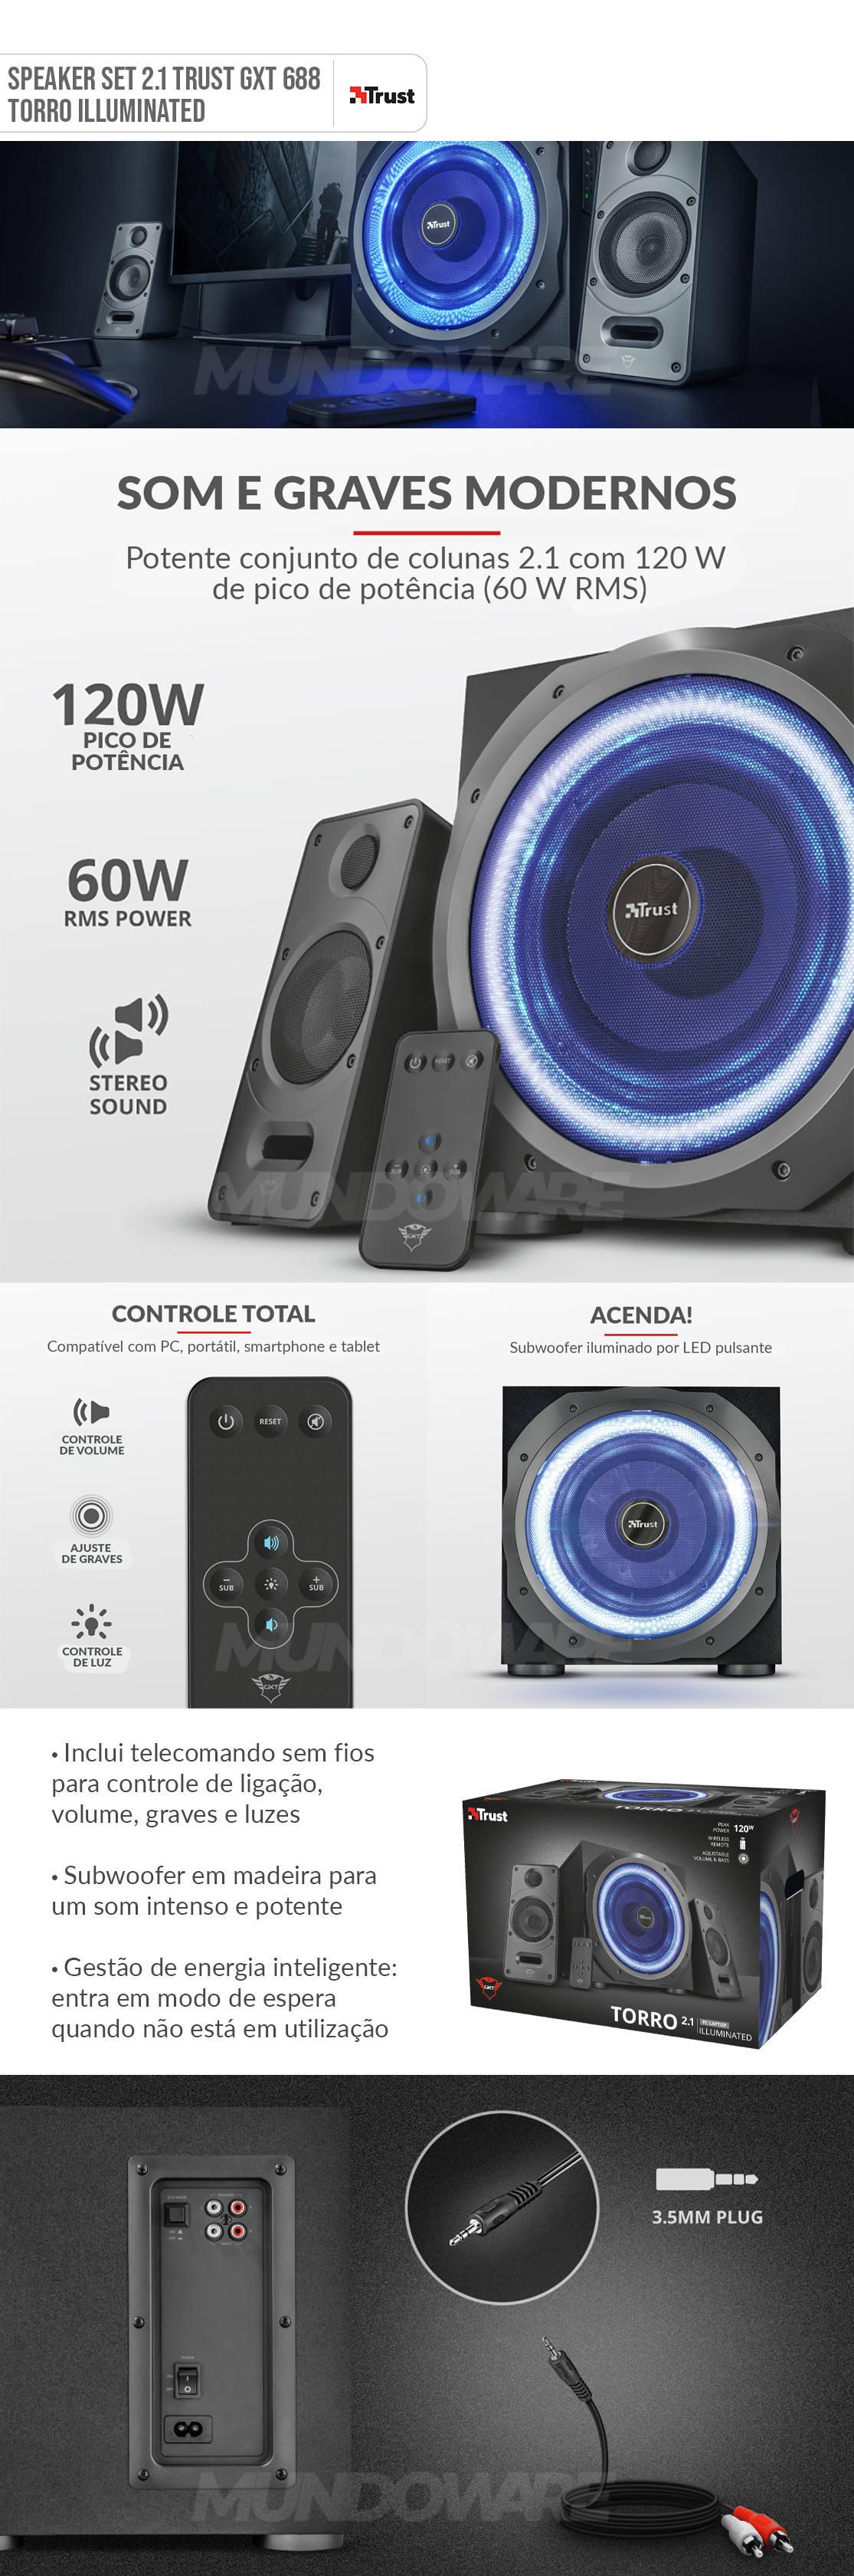 Caixa de som 2.1 60W RMS em Madeira Som Intenso e Potente Multiplataforma LED Pulsante Controle Sem Fio Trust GXT688 Torro